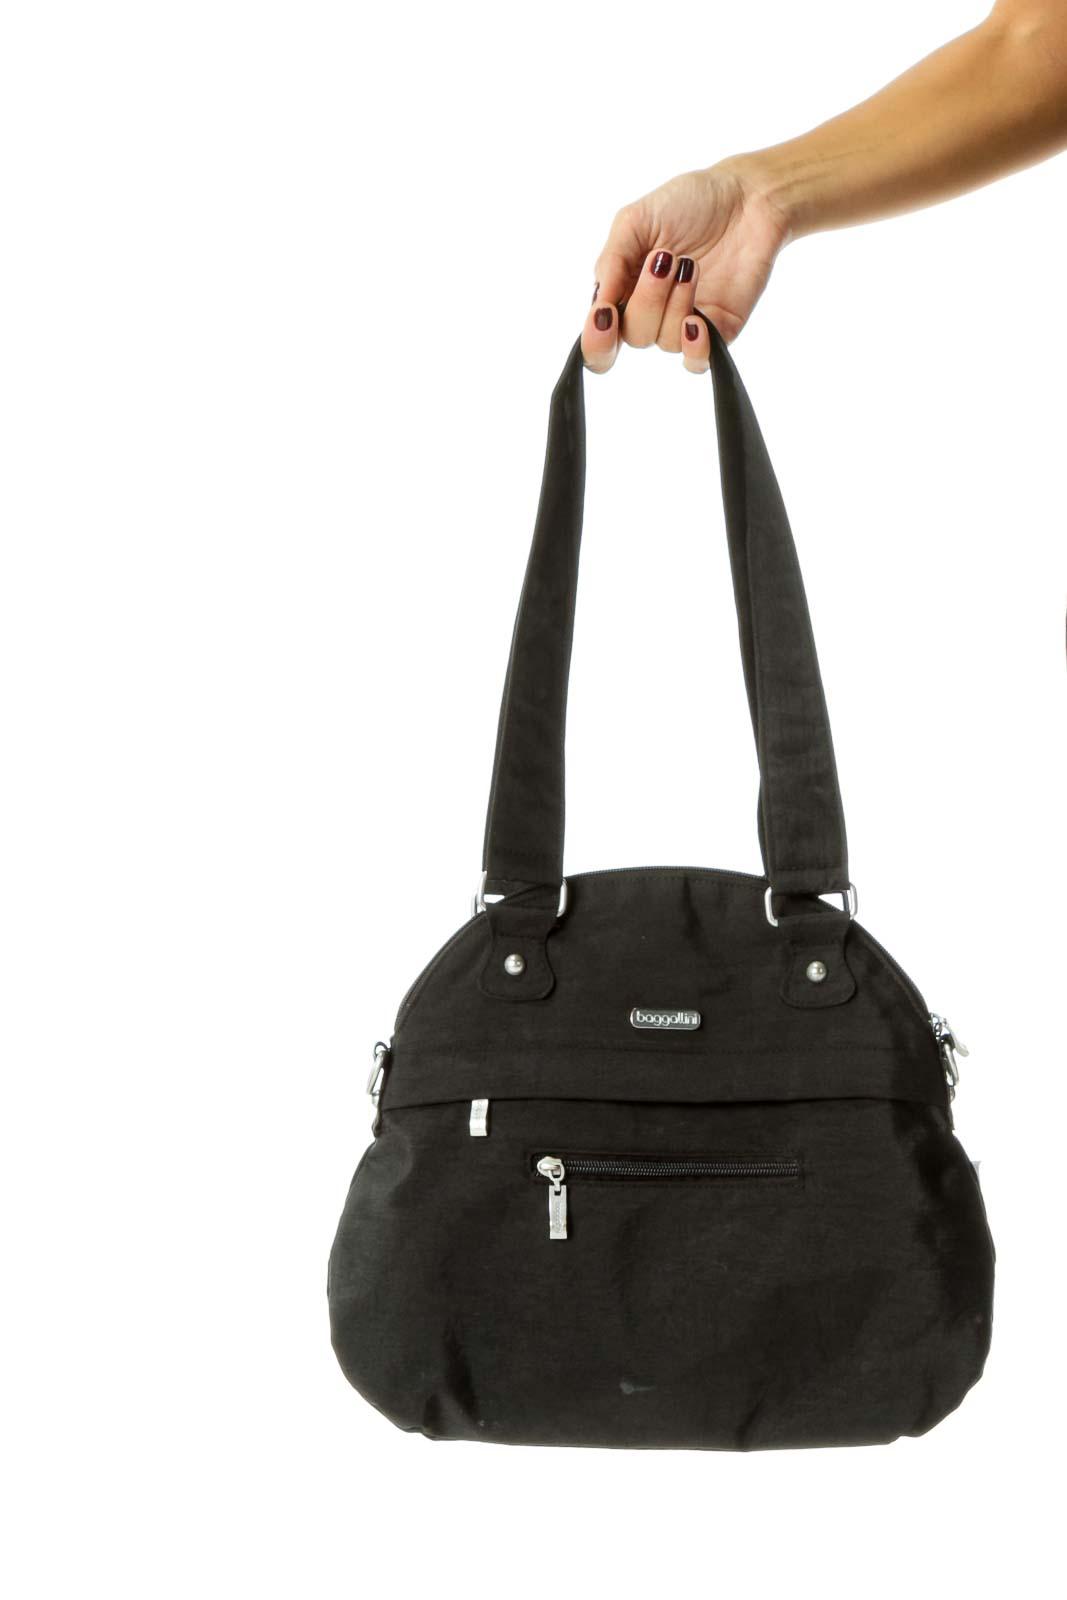 Black Multi Pocketed Shoulder Bag Front